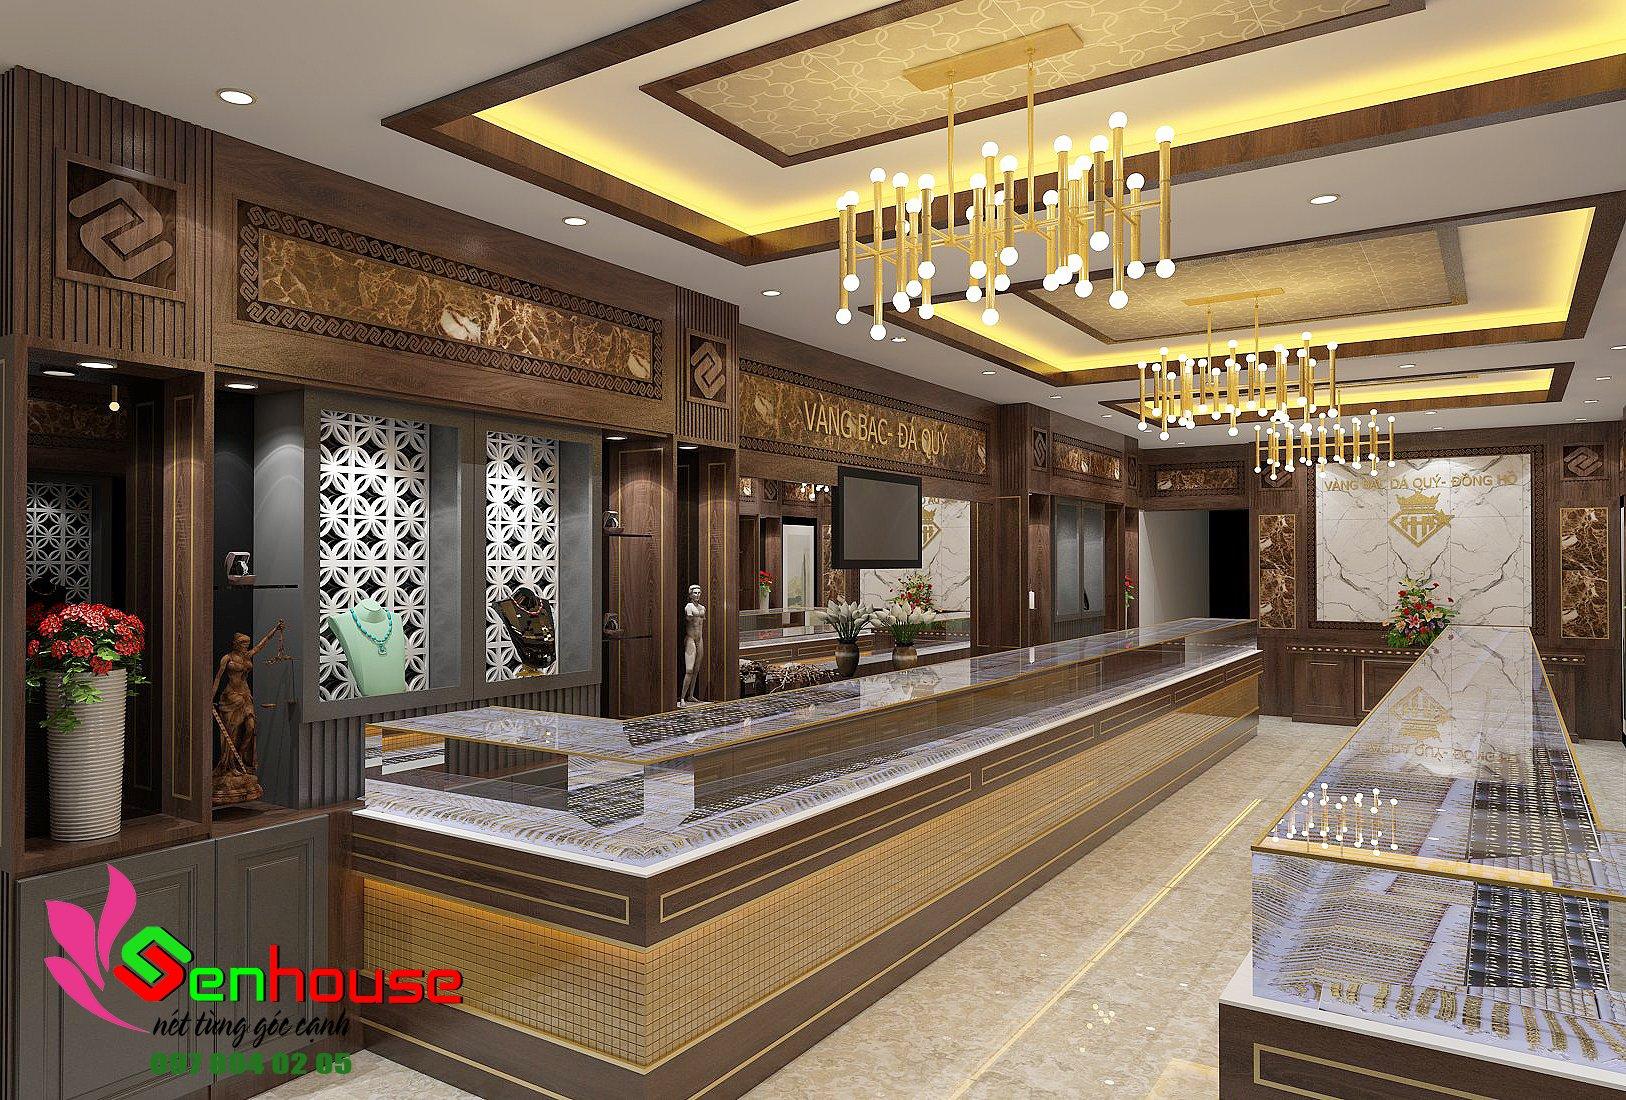 Thiết kế trang trí tiệm vàng